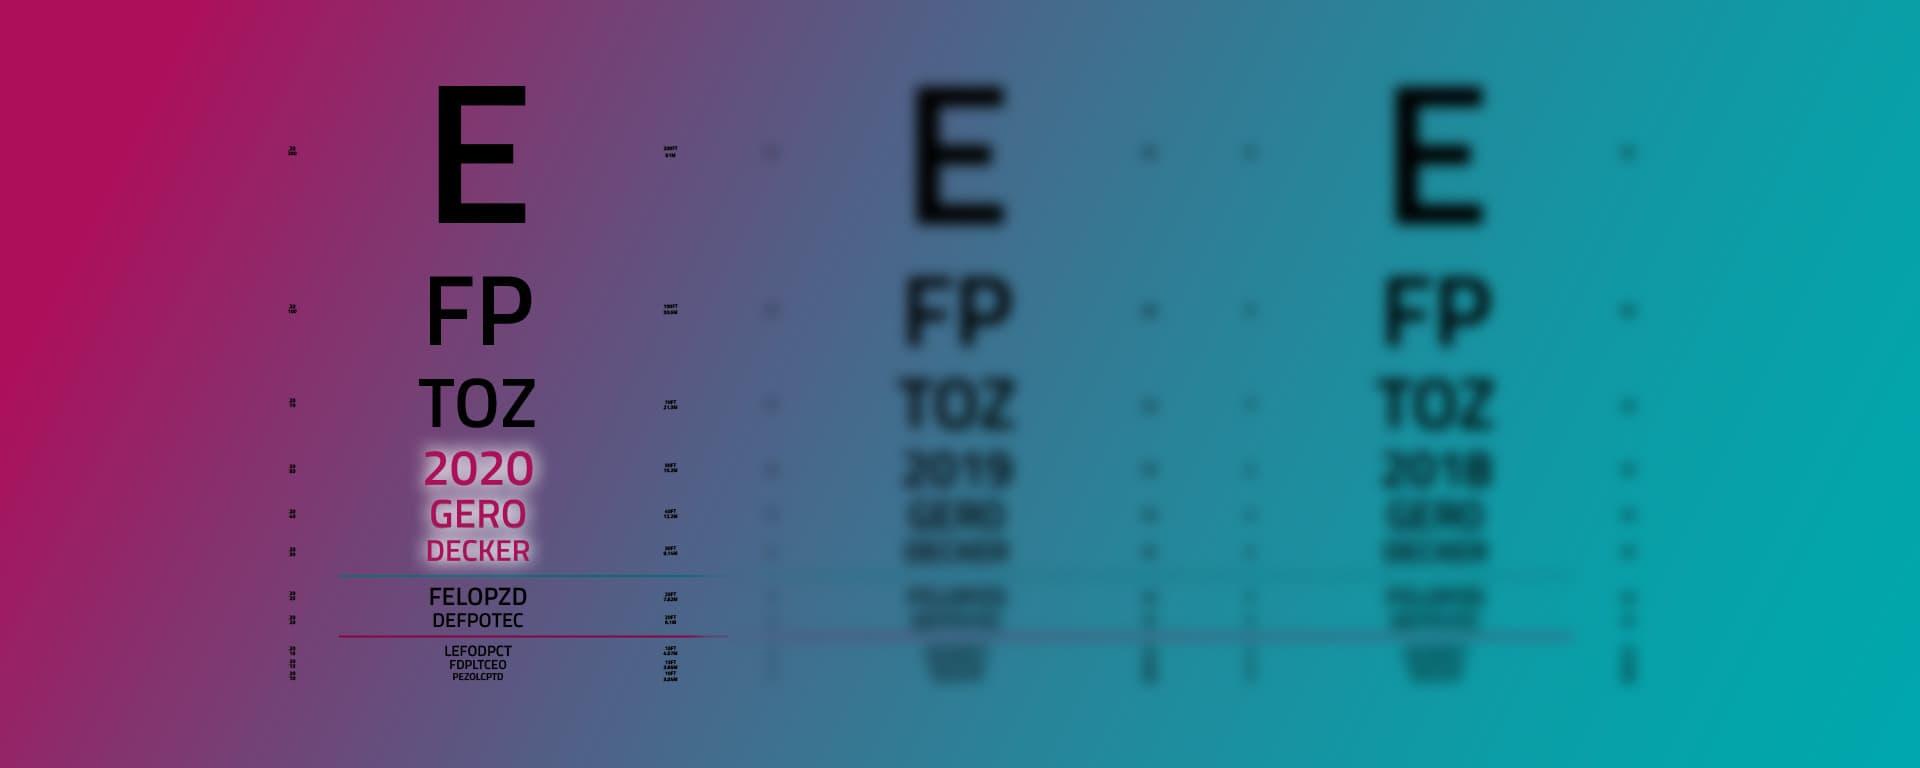 Vision 20/20 avec Gero Decker : Quel futur pour les processus en 2020 ?